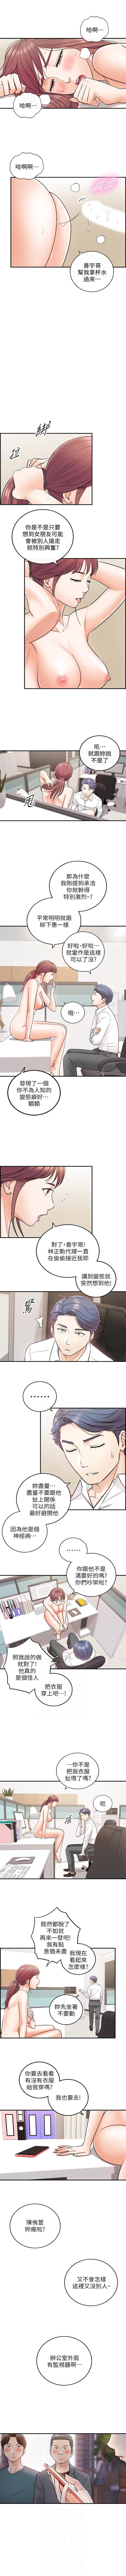 (週5)正妹小主管 1-39 中文翻譯(更新中) 85